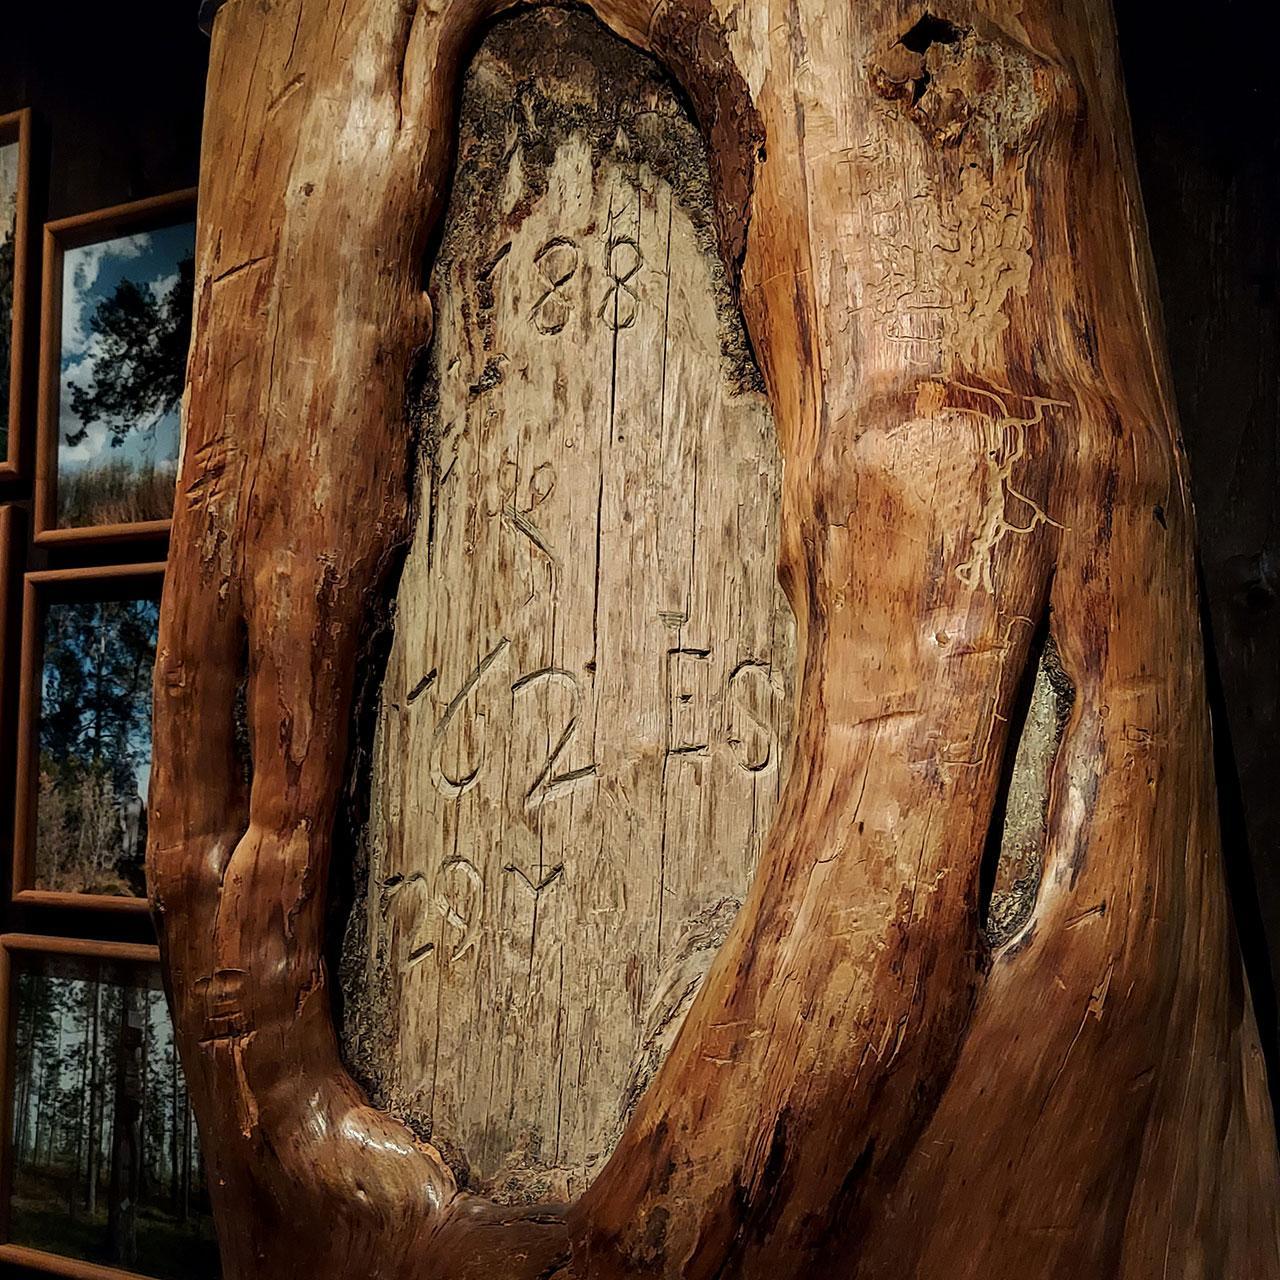 Kuorittu iso männyn runko, jonka haavassa veistetty vuosilukuja ja nimikirjaimia.